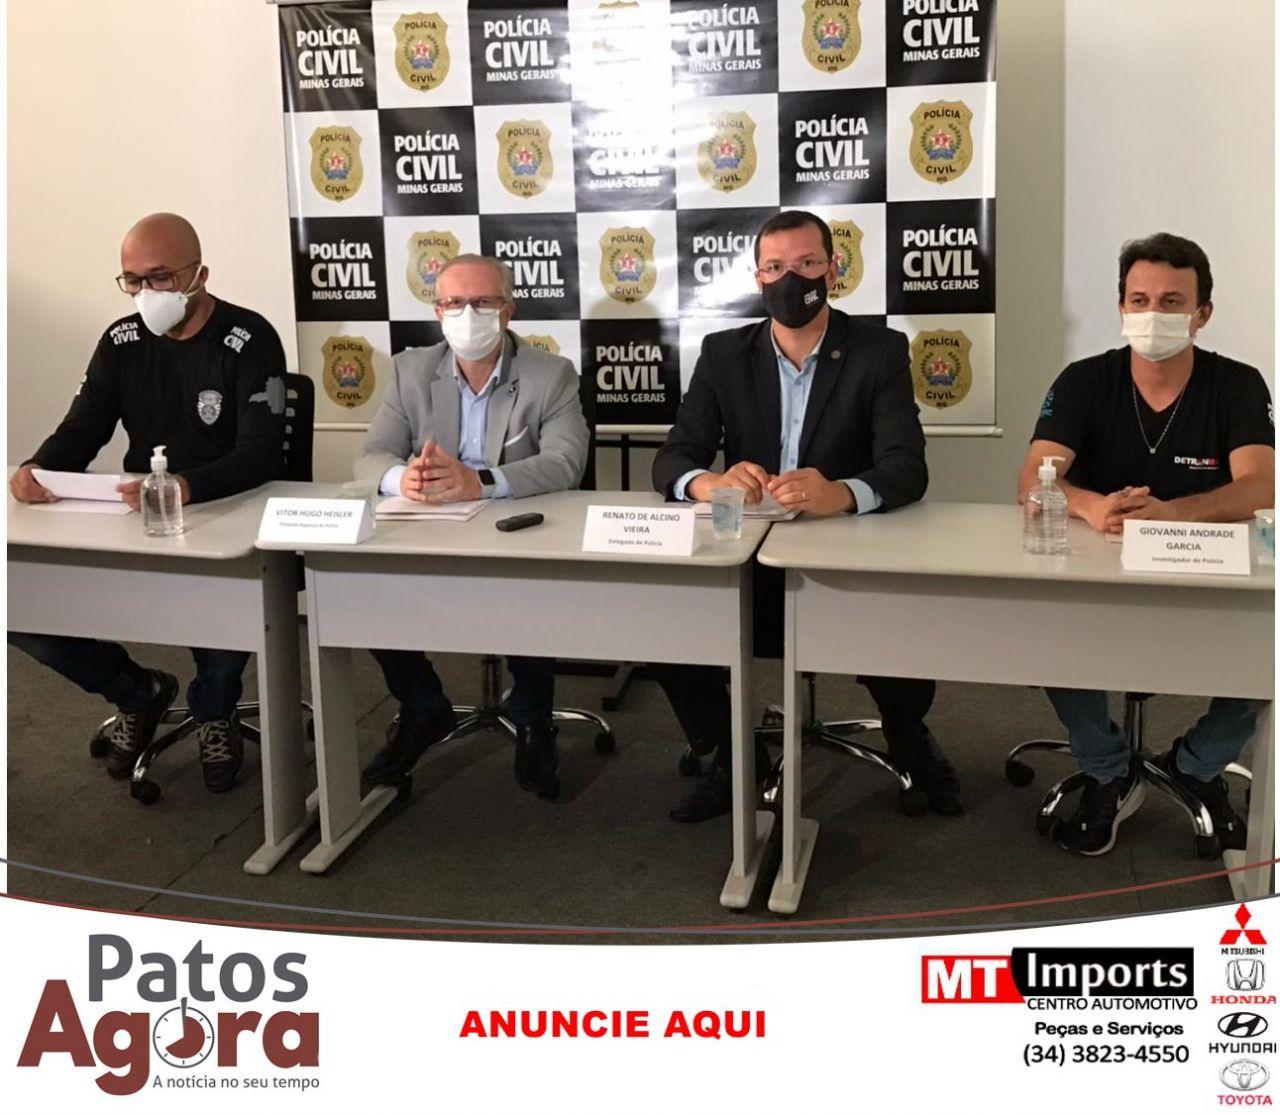 PCMG prende suspeito de cometer homicídio triplamente qualificado